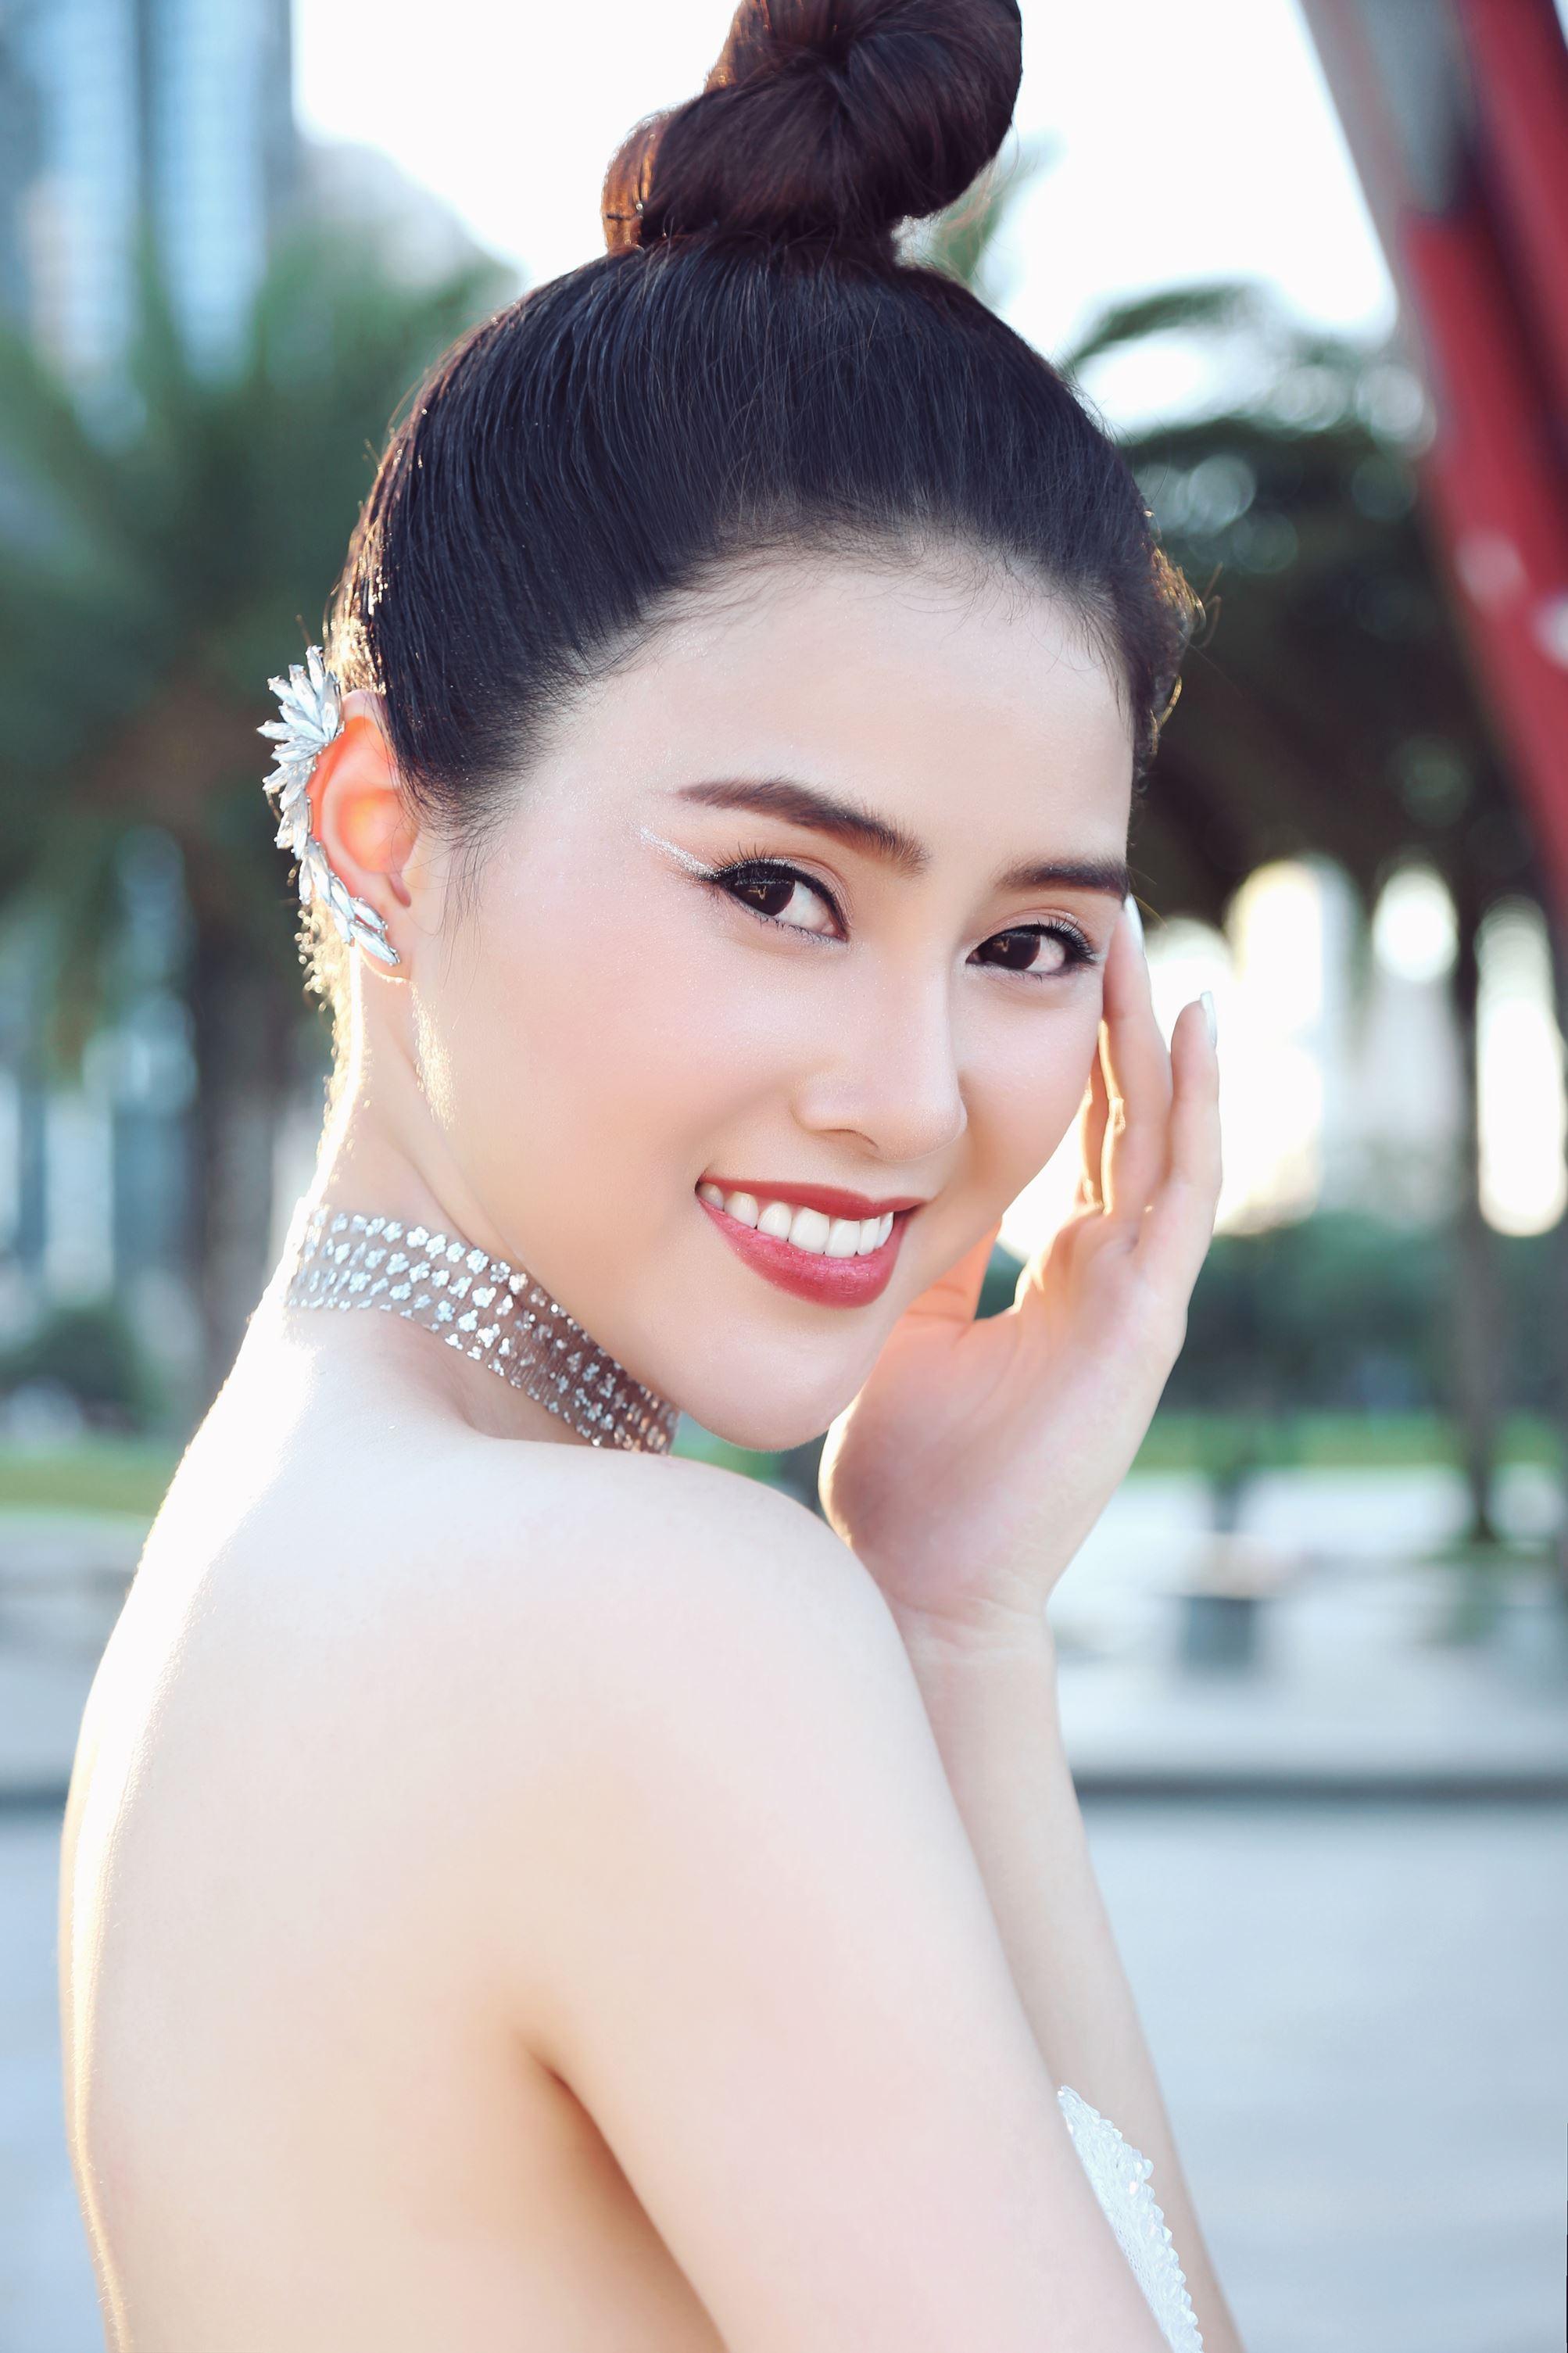 Á hậu Lý Kim Thảo khoe nhan sắc quyến rũ với trang phục gợi cảm Ảnh 6